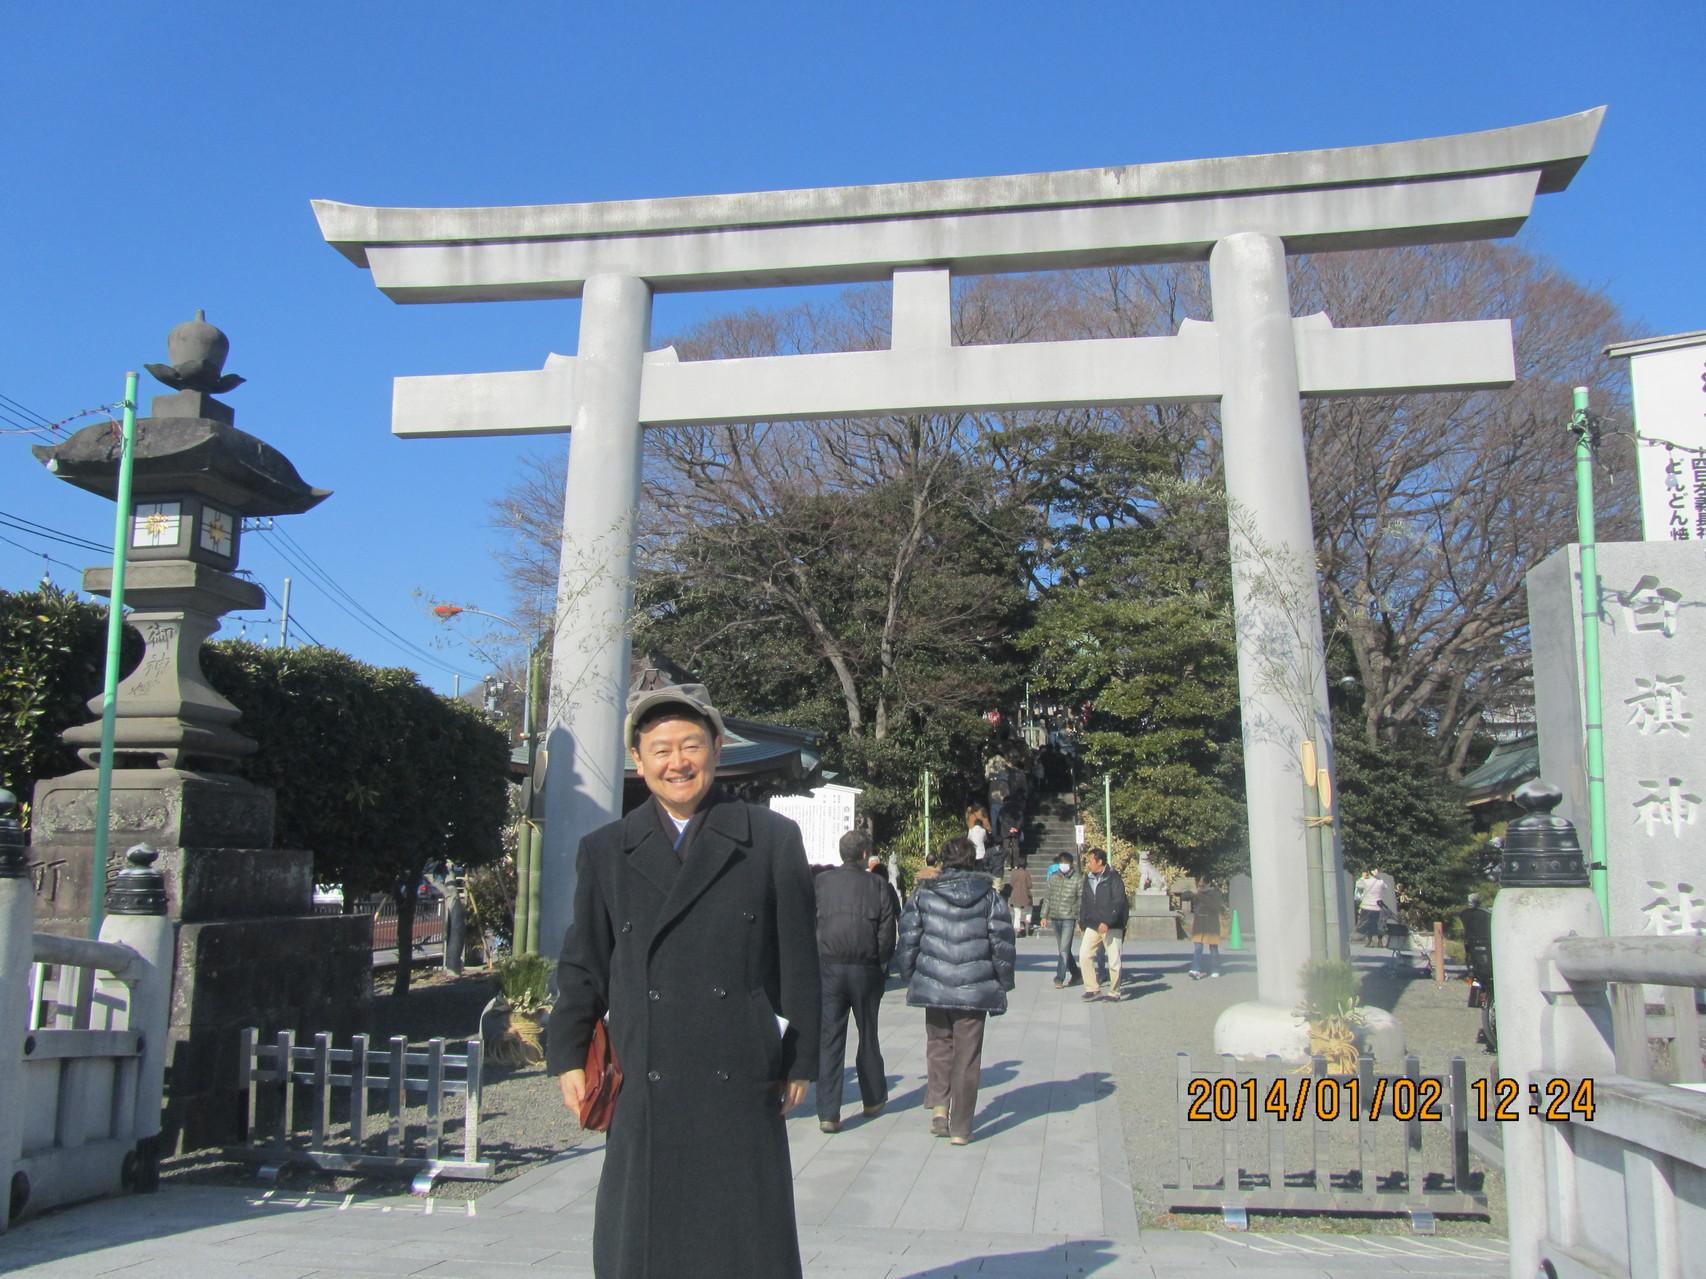 源 義経の兄、源 頼朝が弟、義経を祭神として白旗神社に祀(まつ)るよう指示したと言われています。